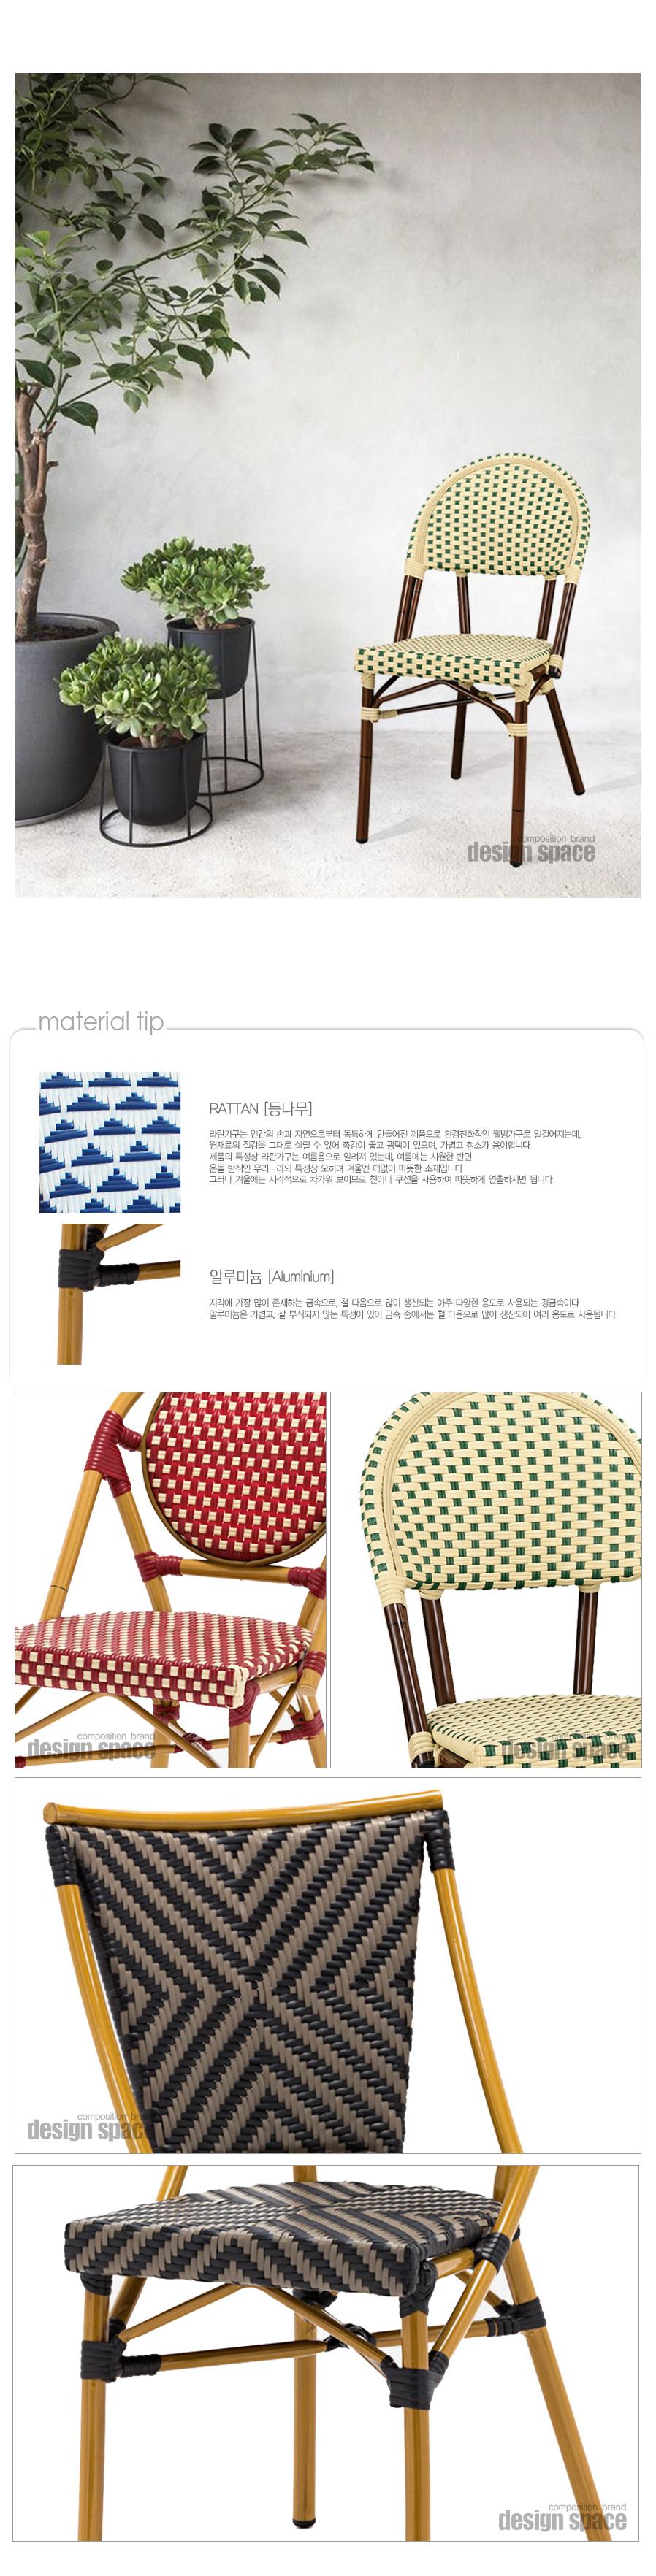 bernad-chair_03.jpg